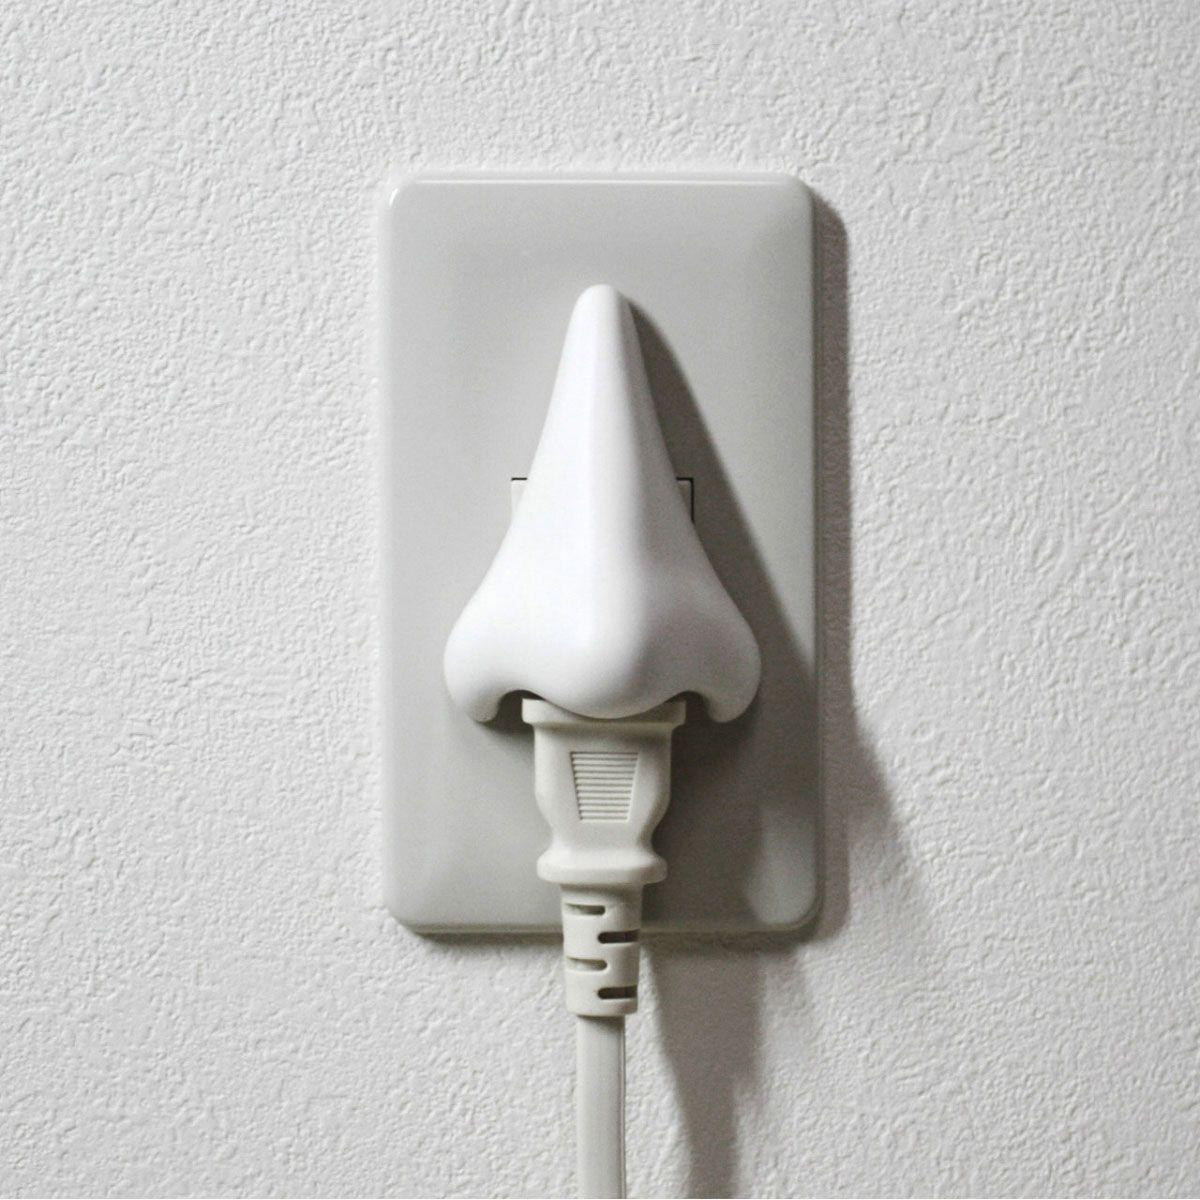 Hanaga-Tap-Nose-Power-Outlet-Funny-Gift-Idea.jpg 1,200×1,200 pixels